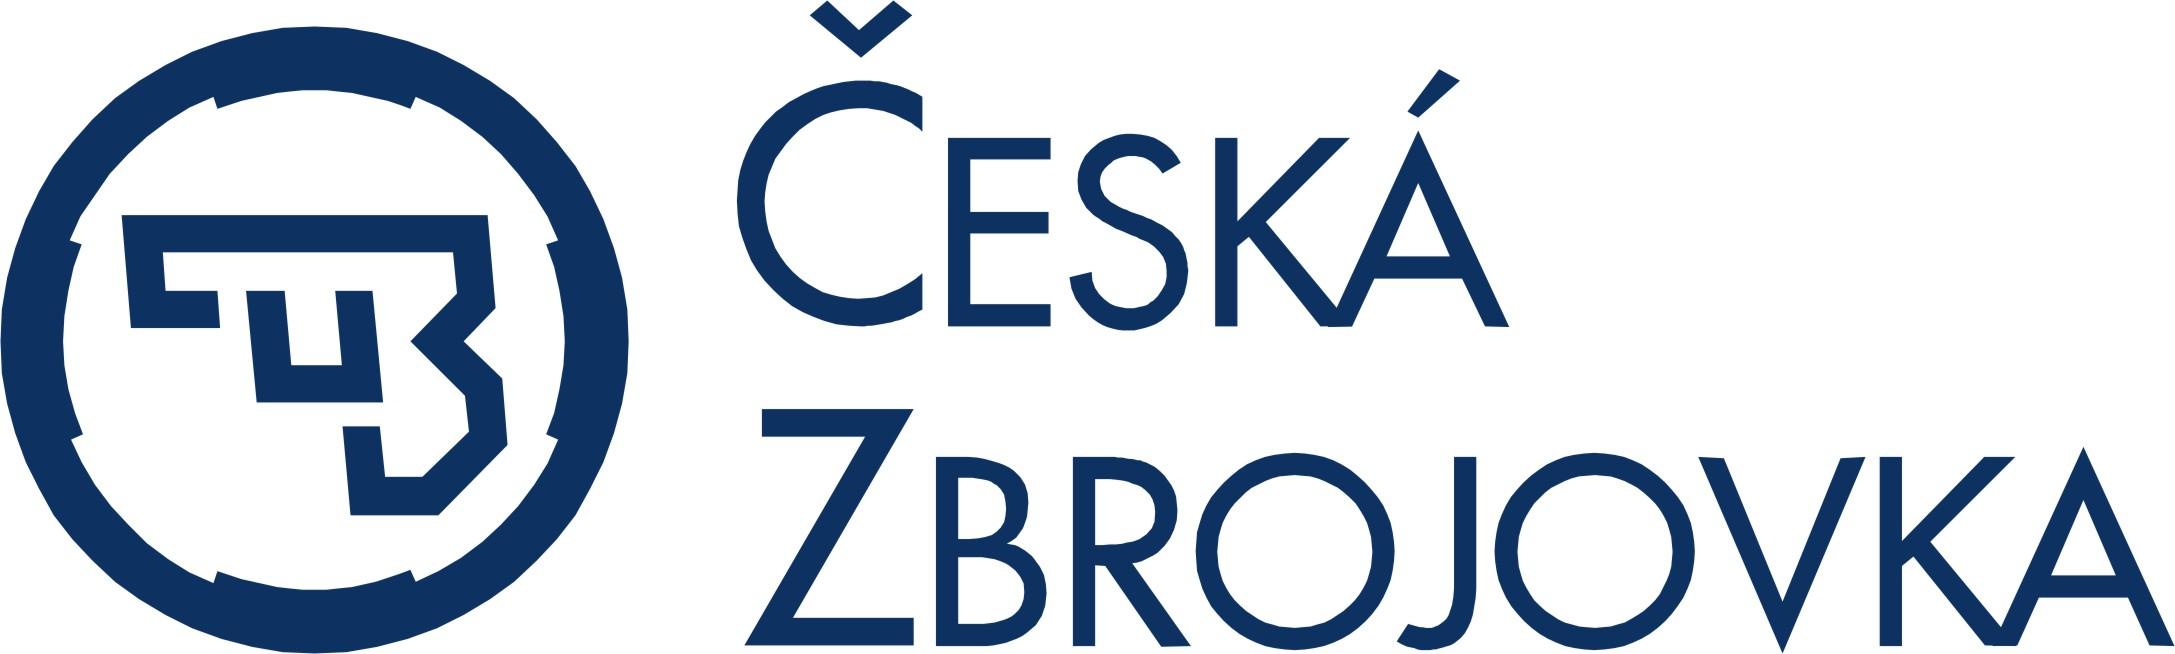 Kulovnice Česká zbrojovka